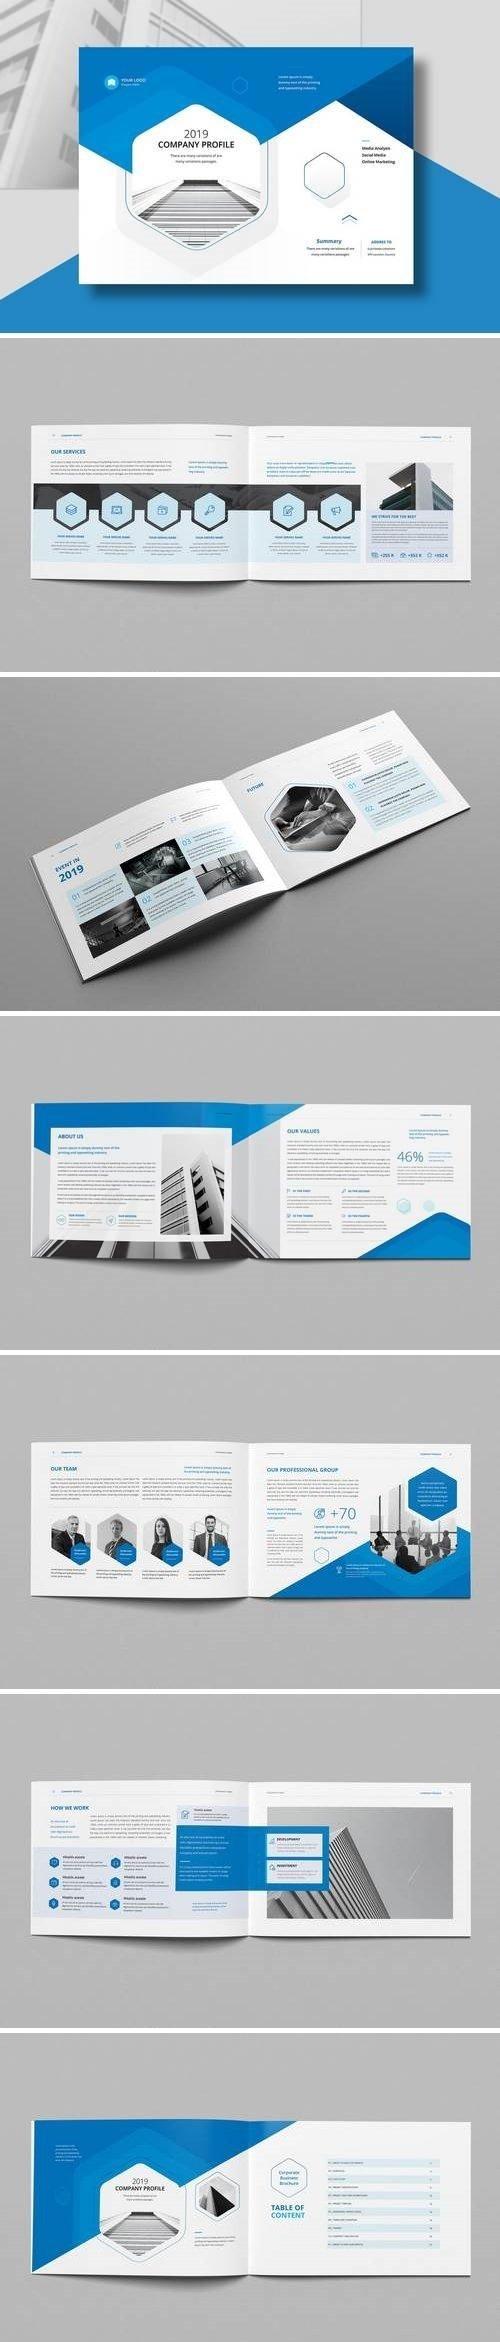 Company Profile Landscape A4